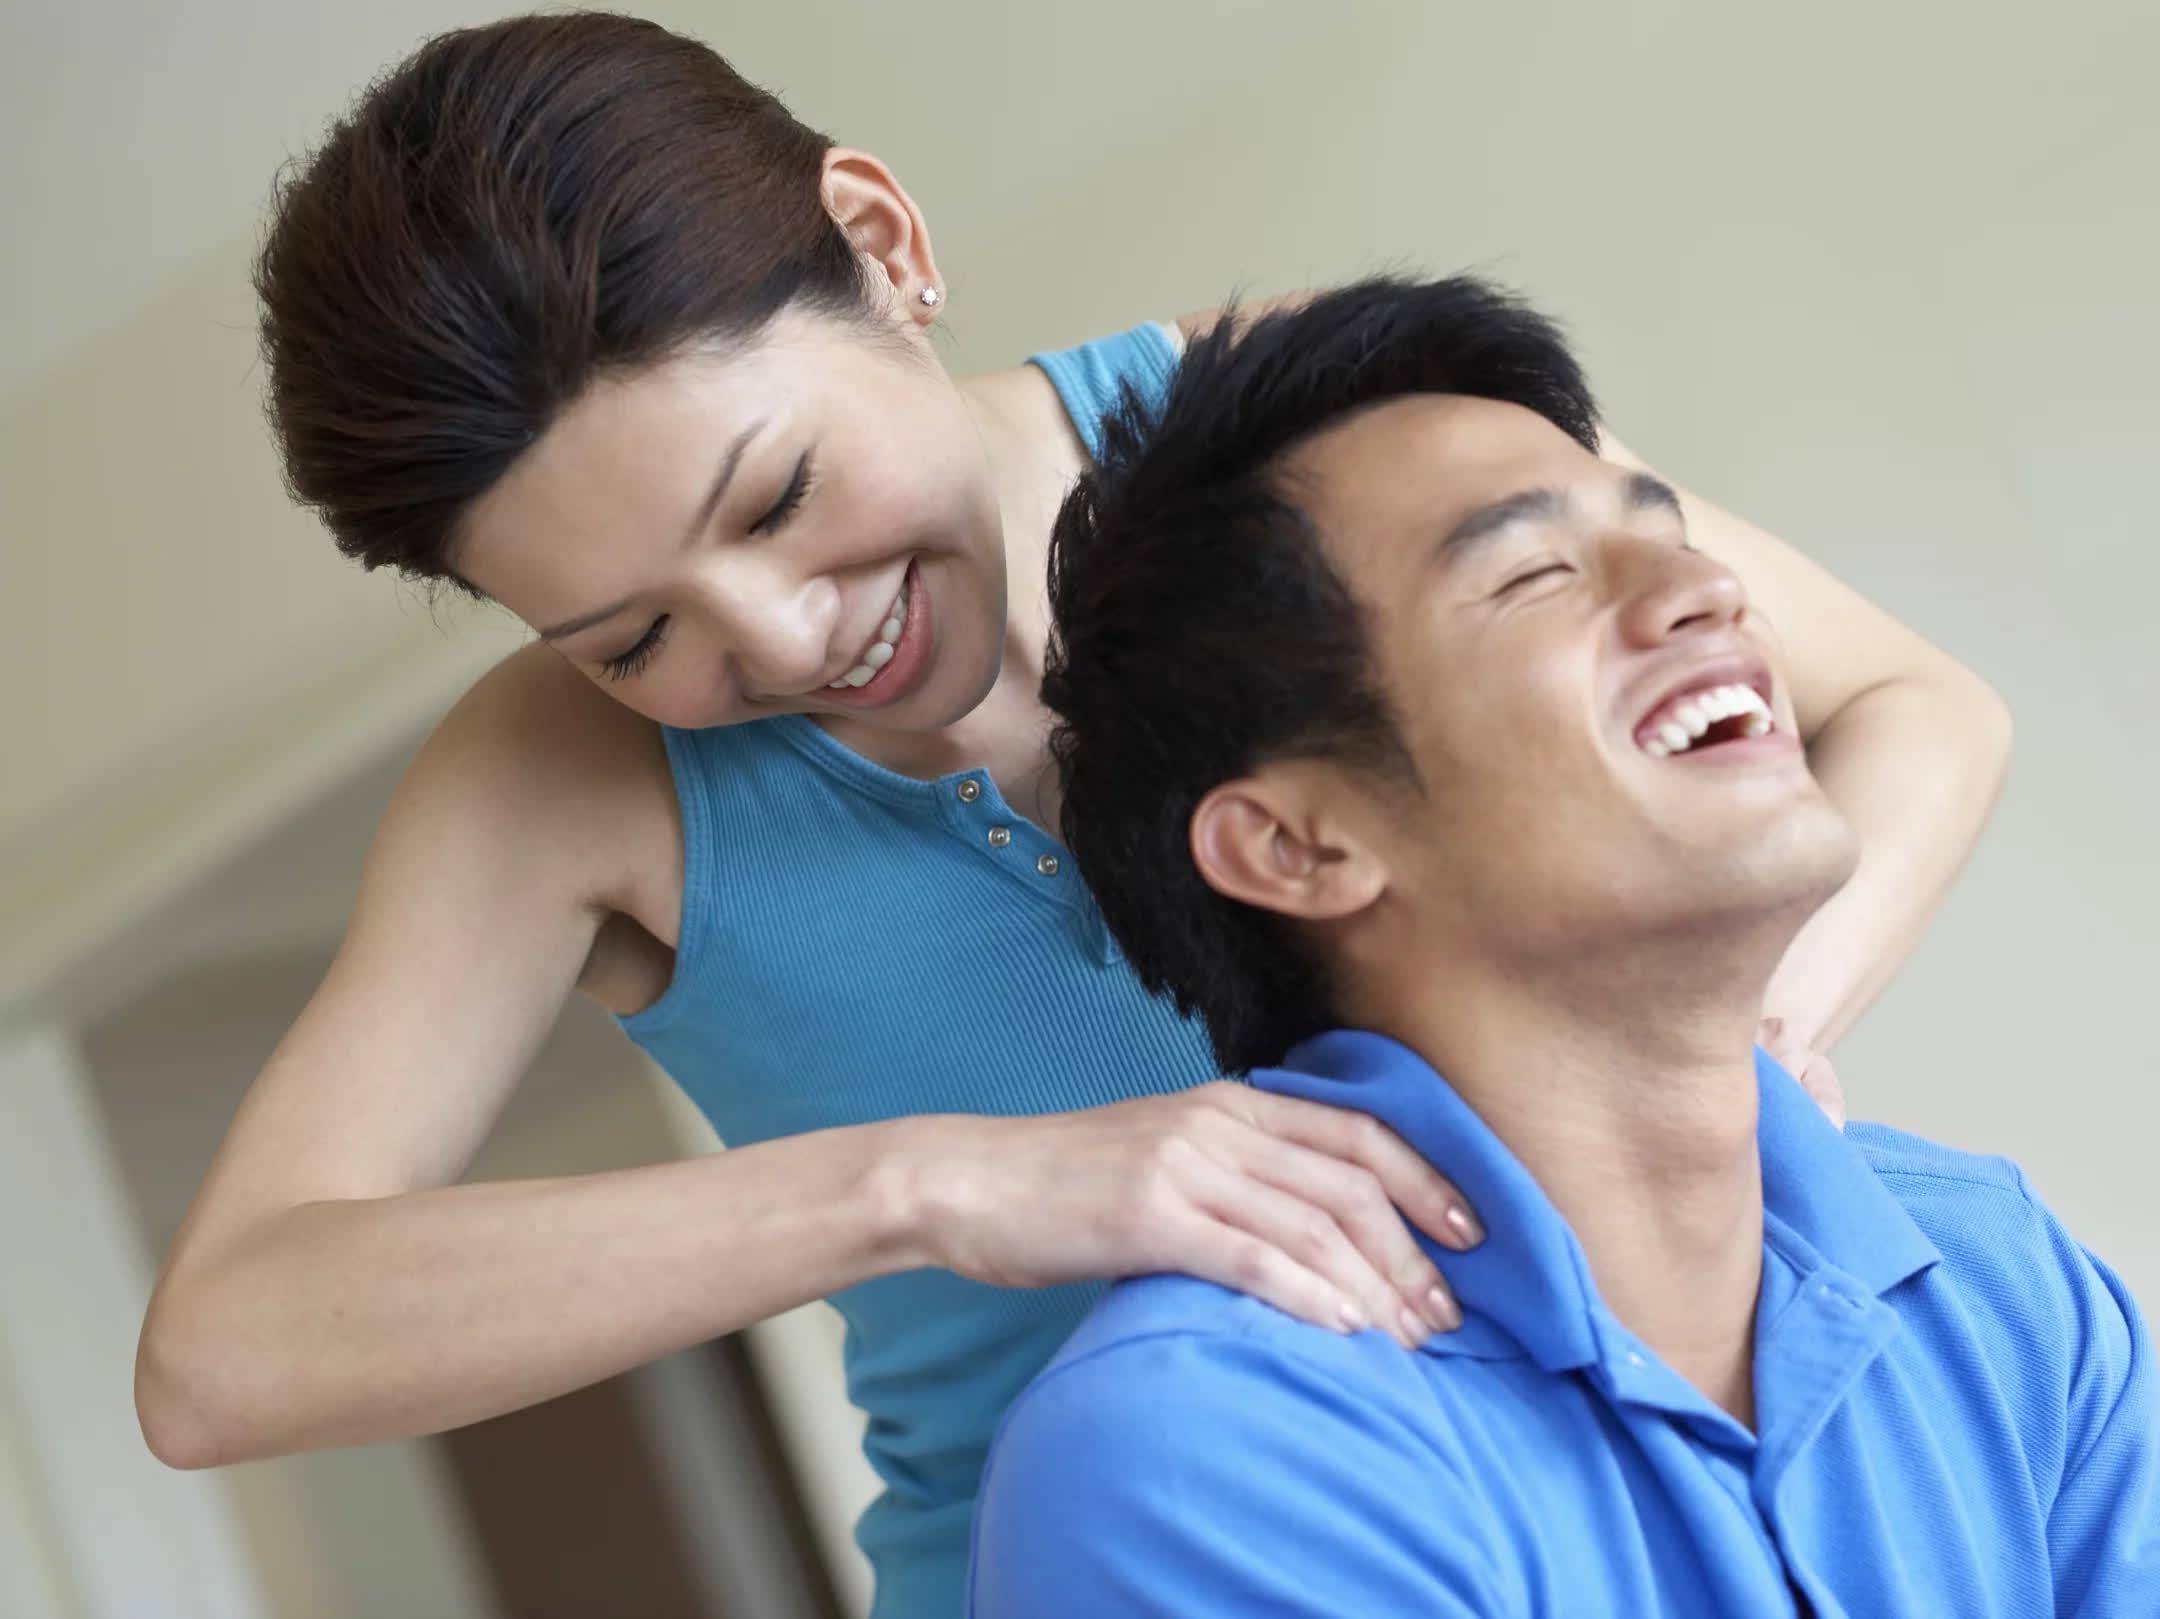 4 điều vợ nên khen chồng, dù có sắt đá đến đâu chồng cũng cảm kích và thêm yêu vợ - Ảnh 3